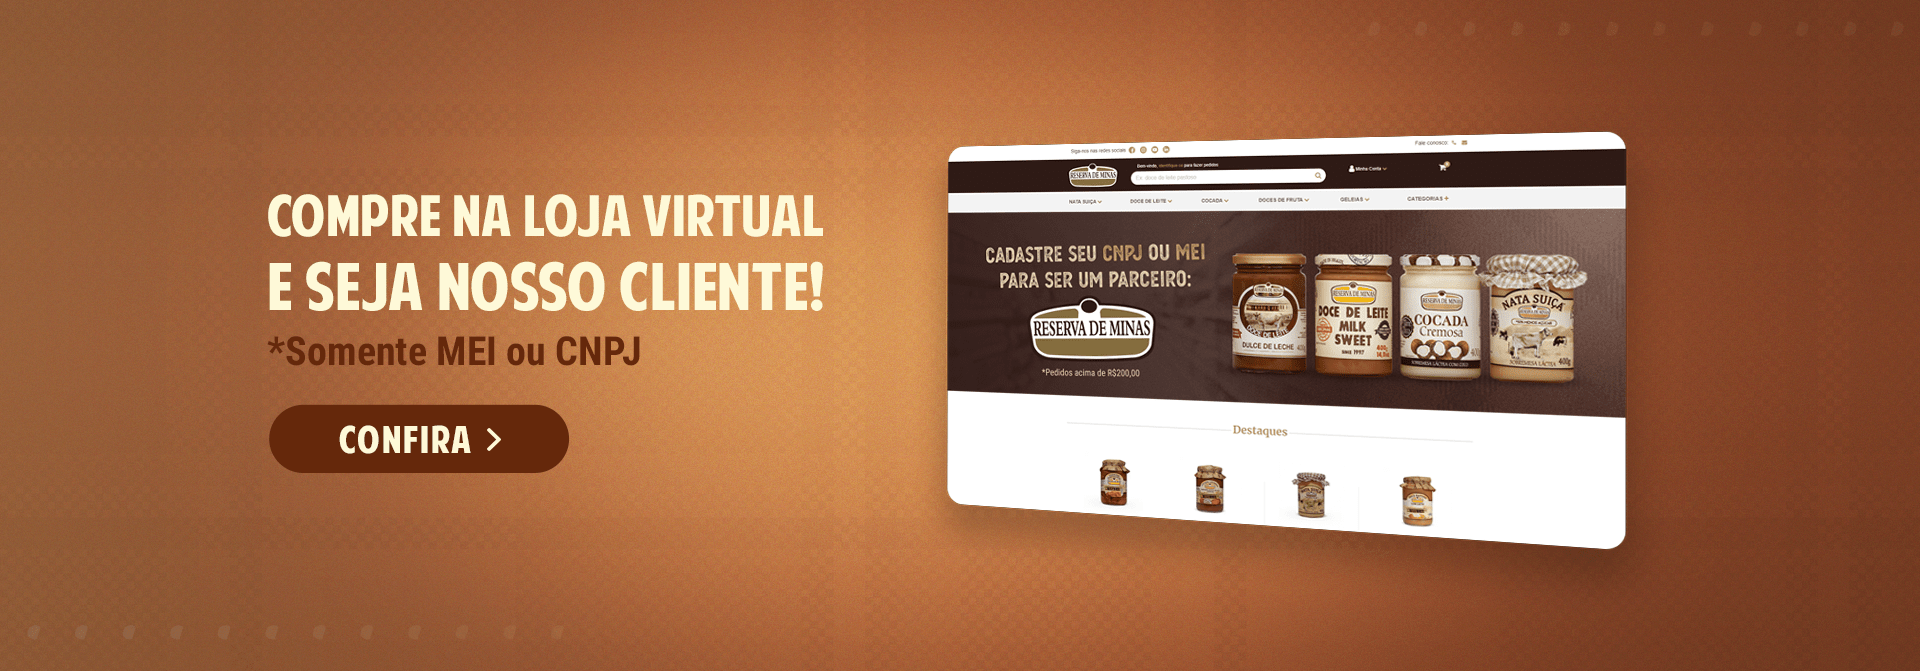 loja_virtual